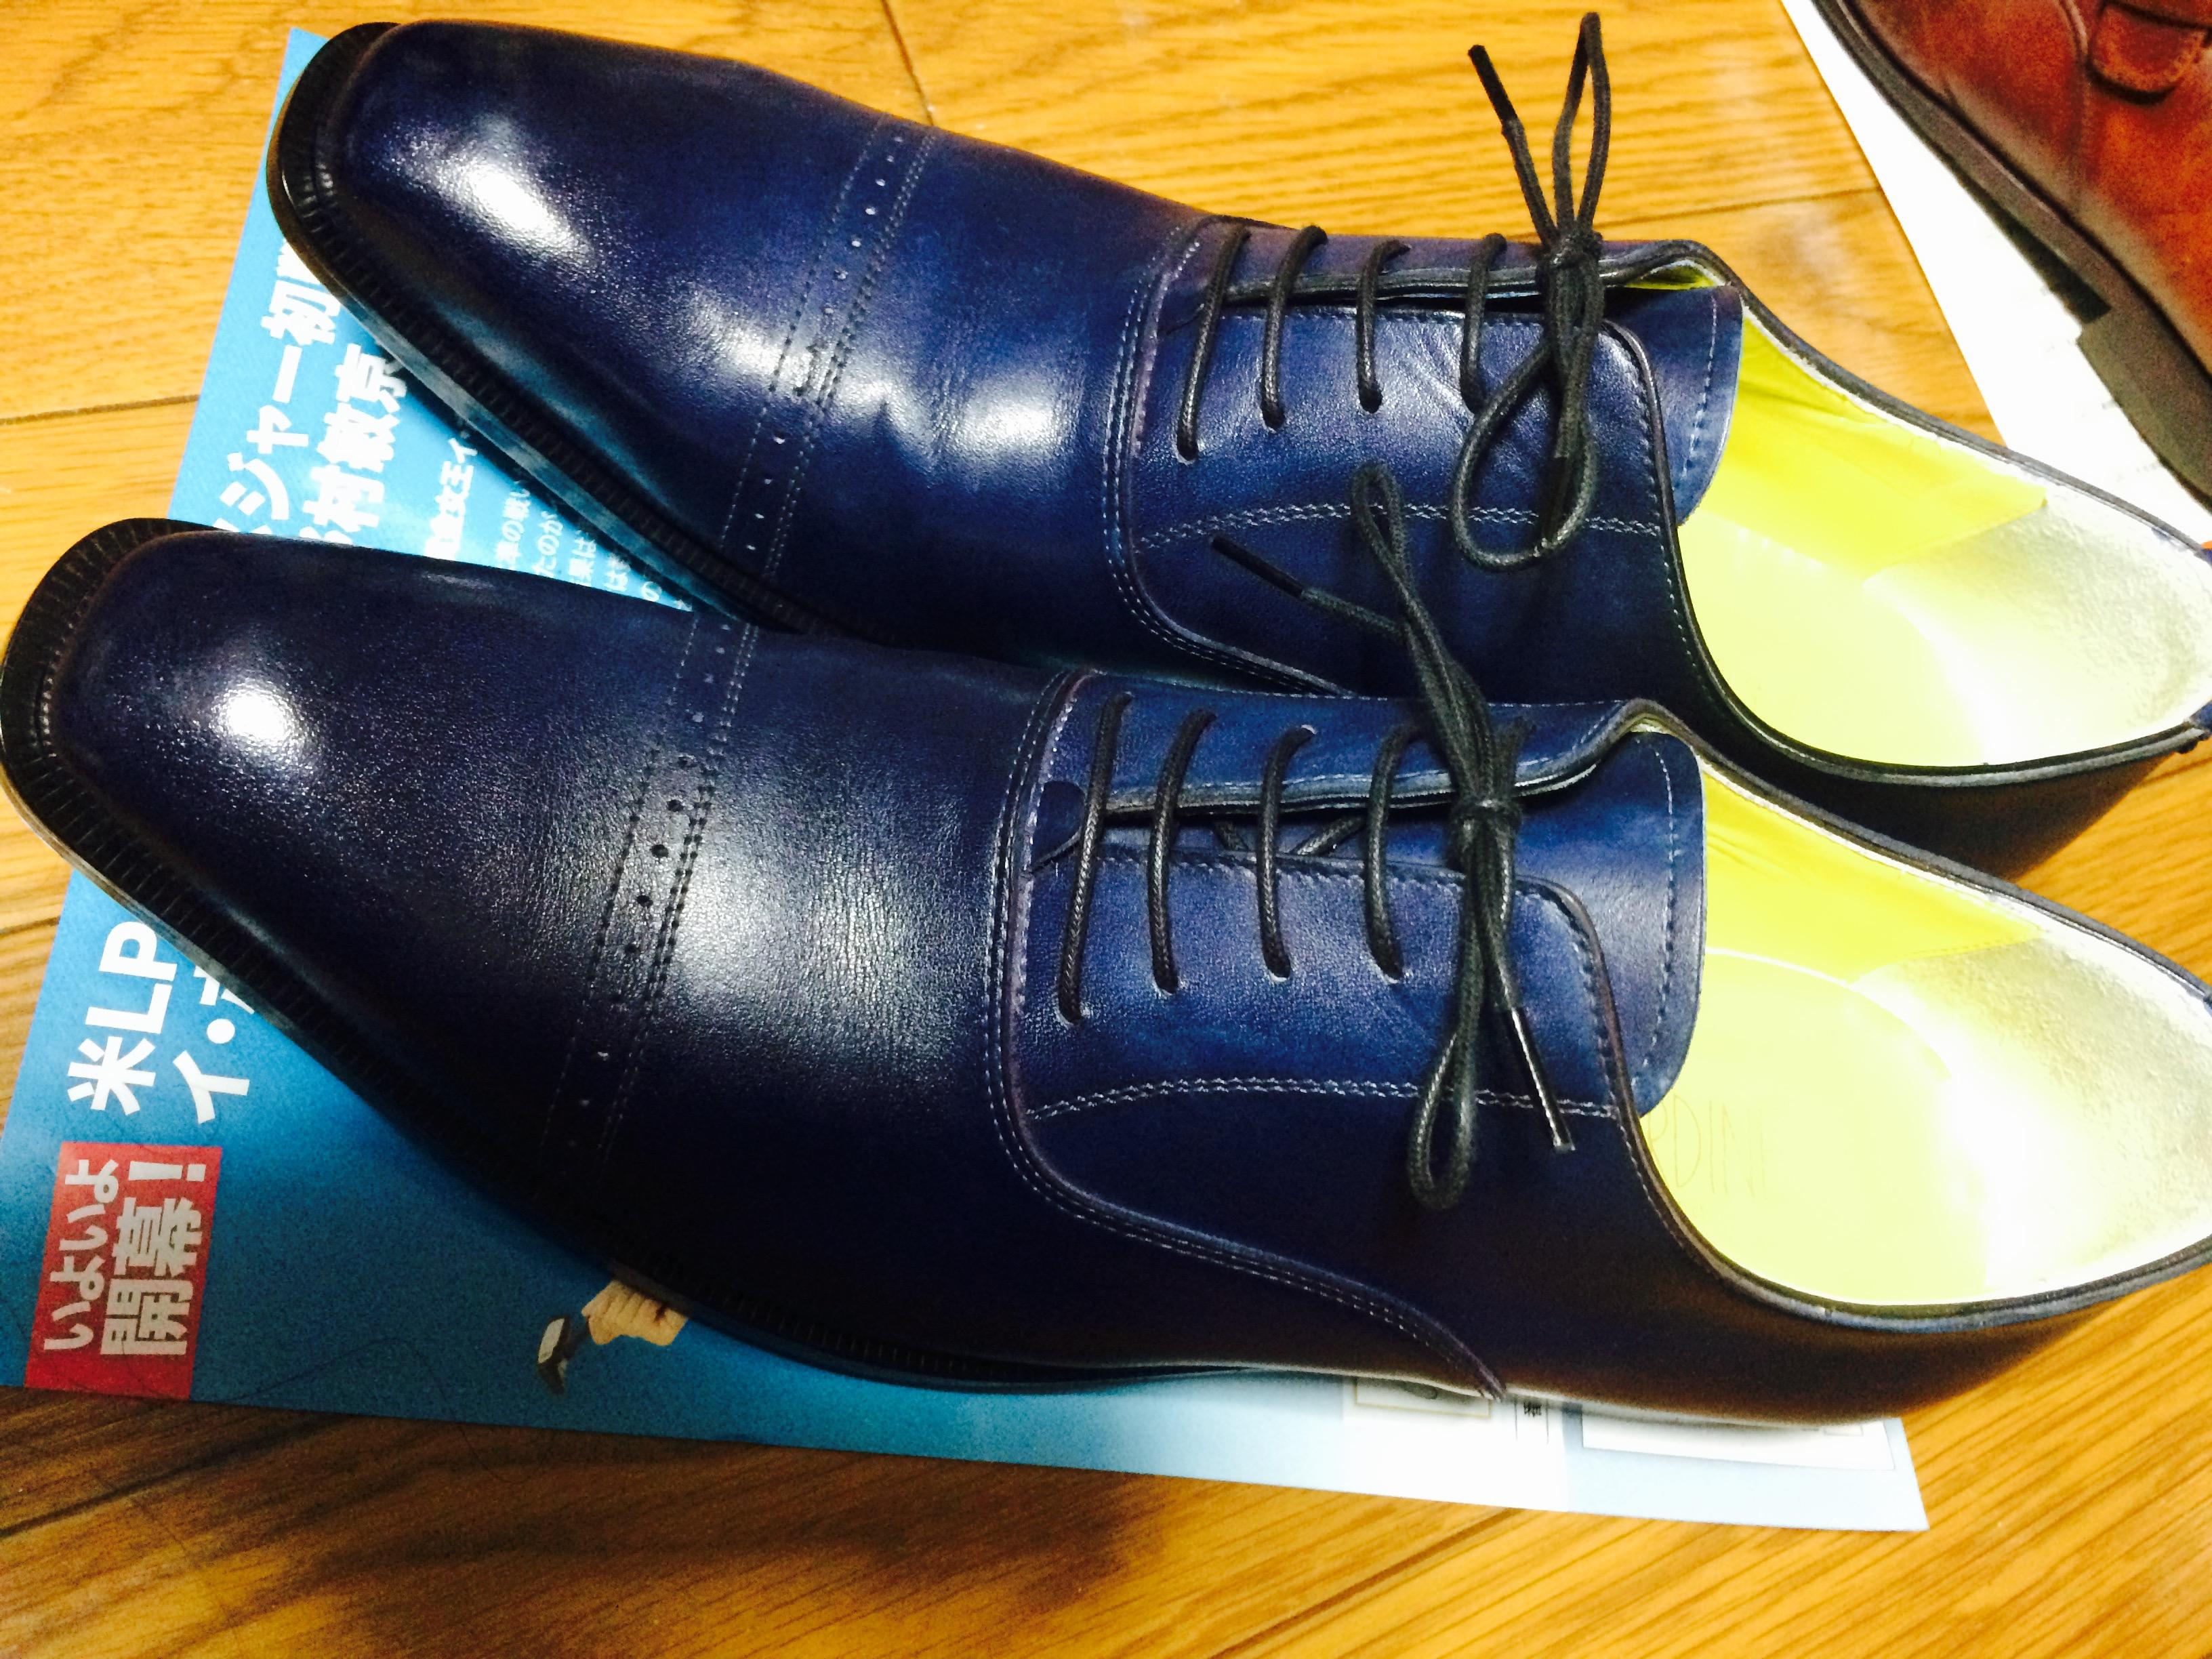 あなたも靴を磨くと成功する・・かも?(身に付けるモノに気を使う)